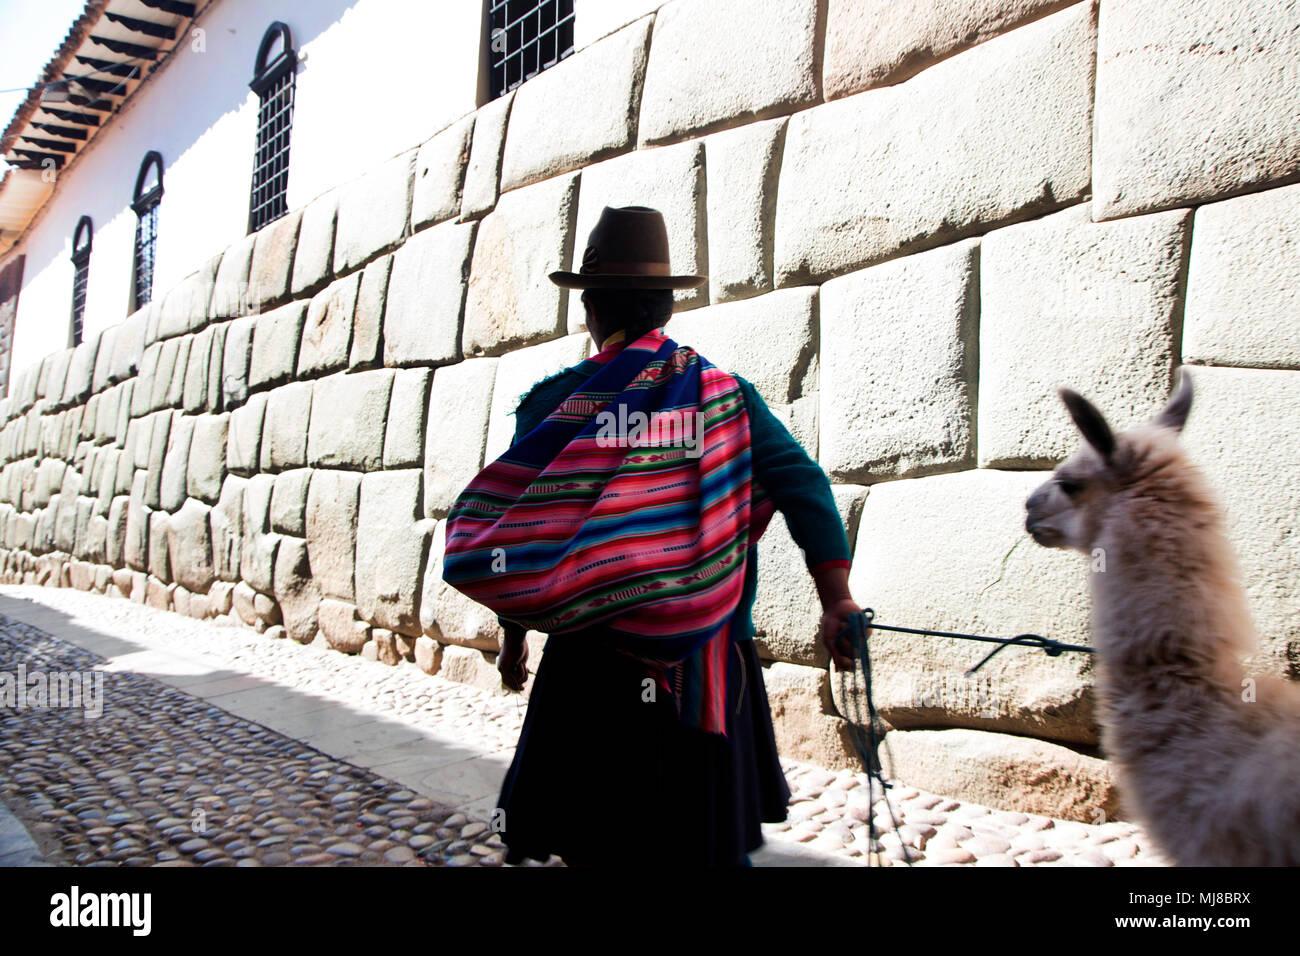 Vista trasera del hombre vistiendo coloridos poncho y sombrero de fieltro  marrón llama líder a lo aba317e4fa9